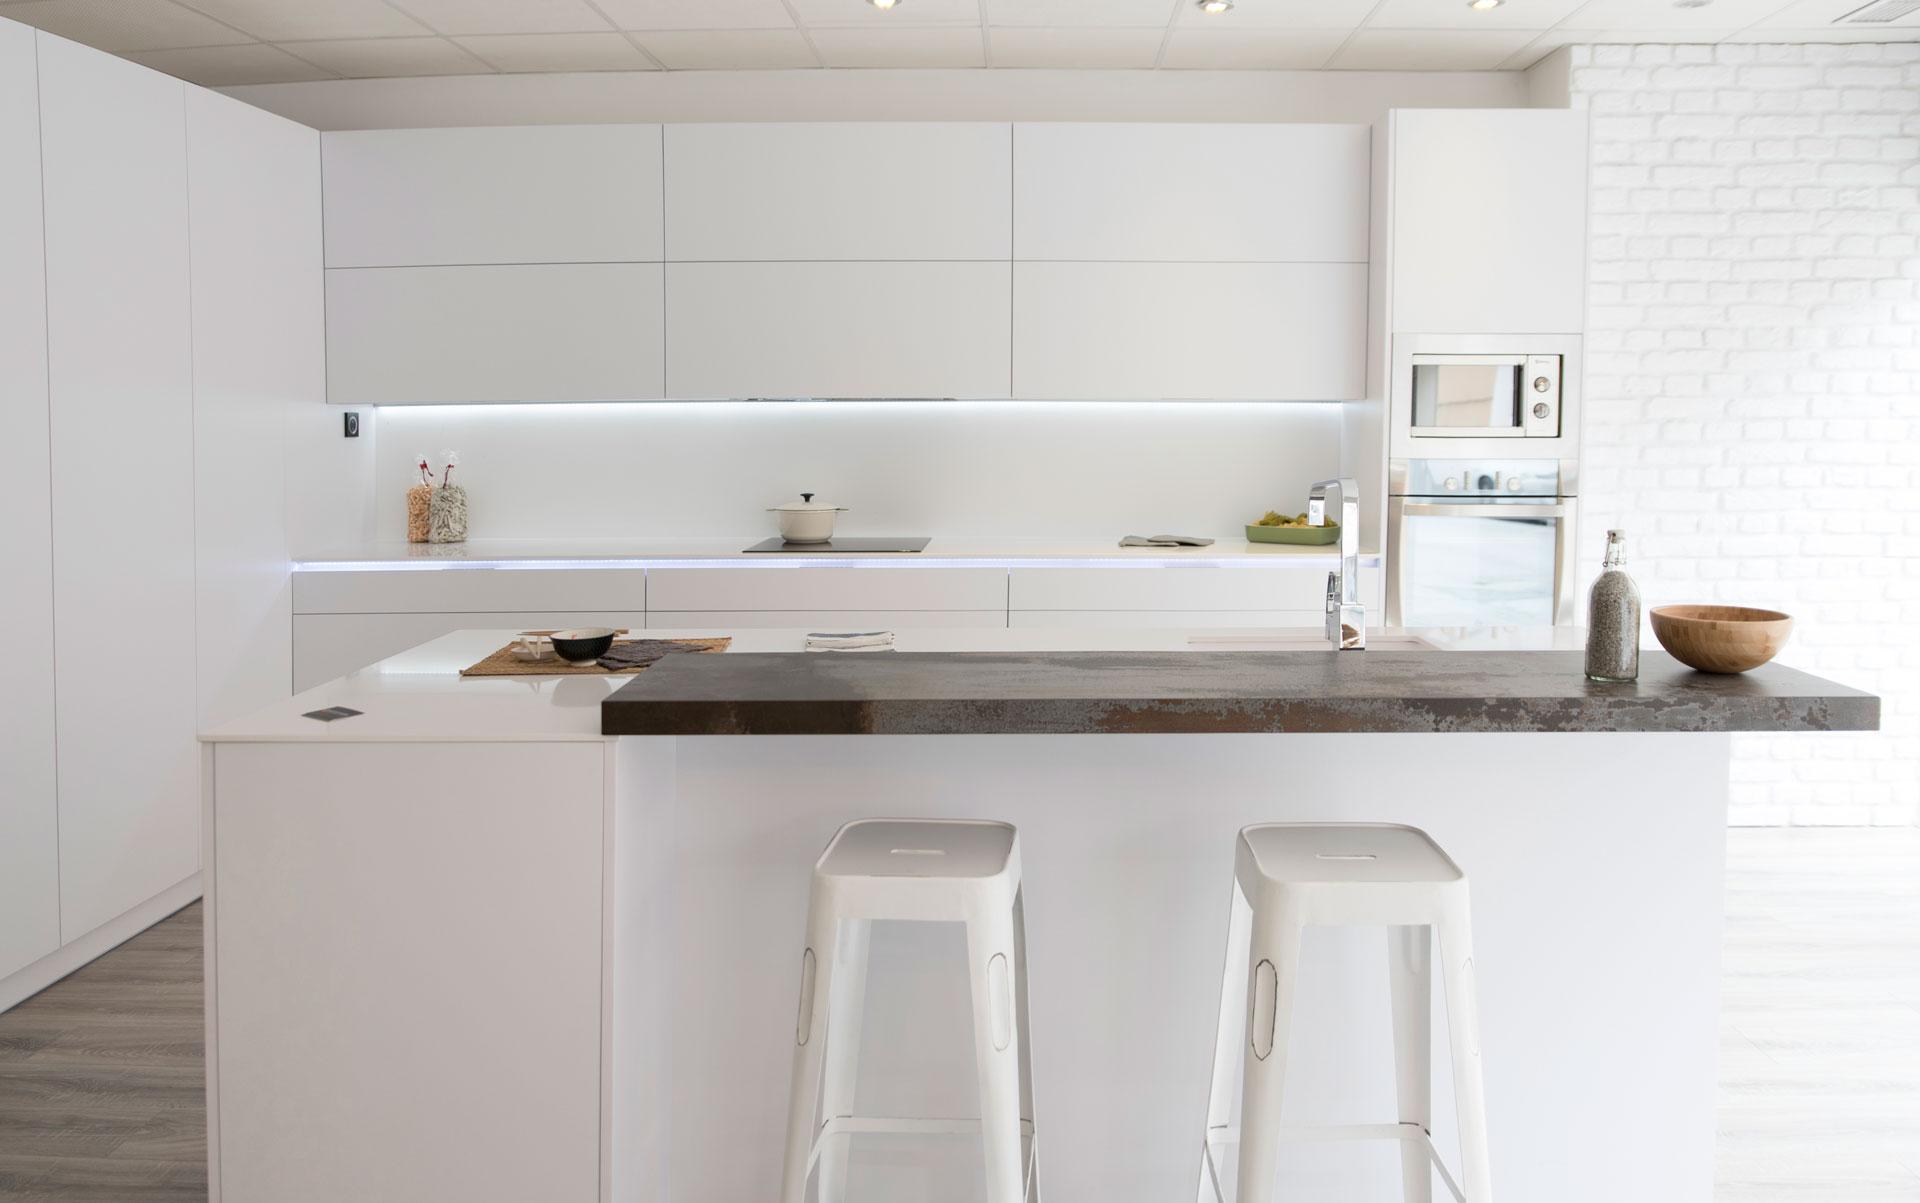 Muebles para la cocina sin tiradores arcomobel - Tiradores para muebles de cocina ...